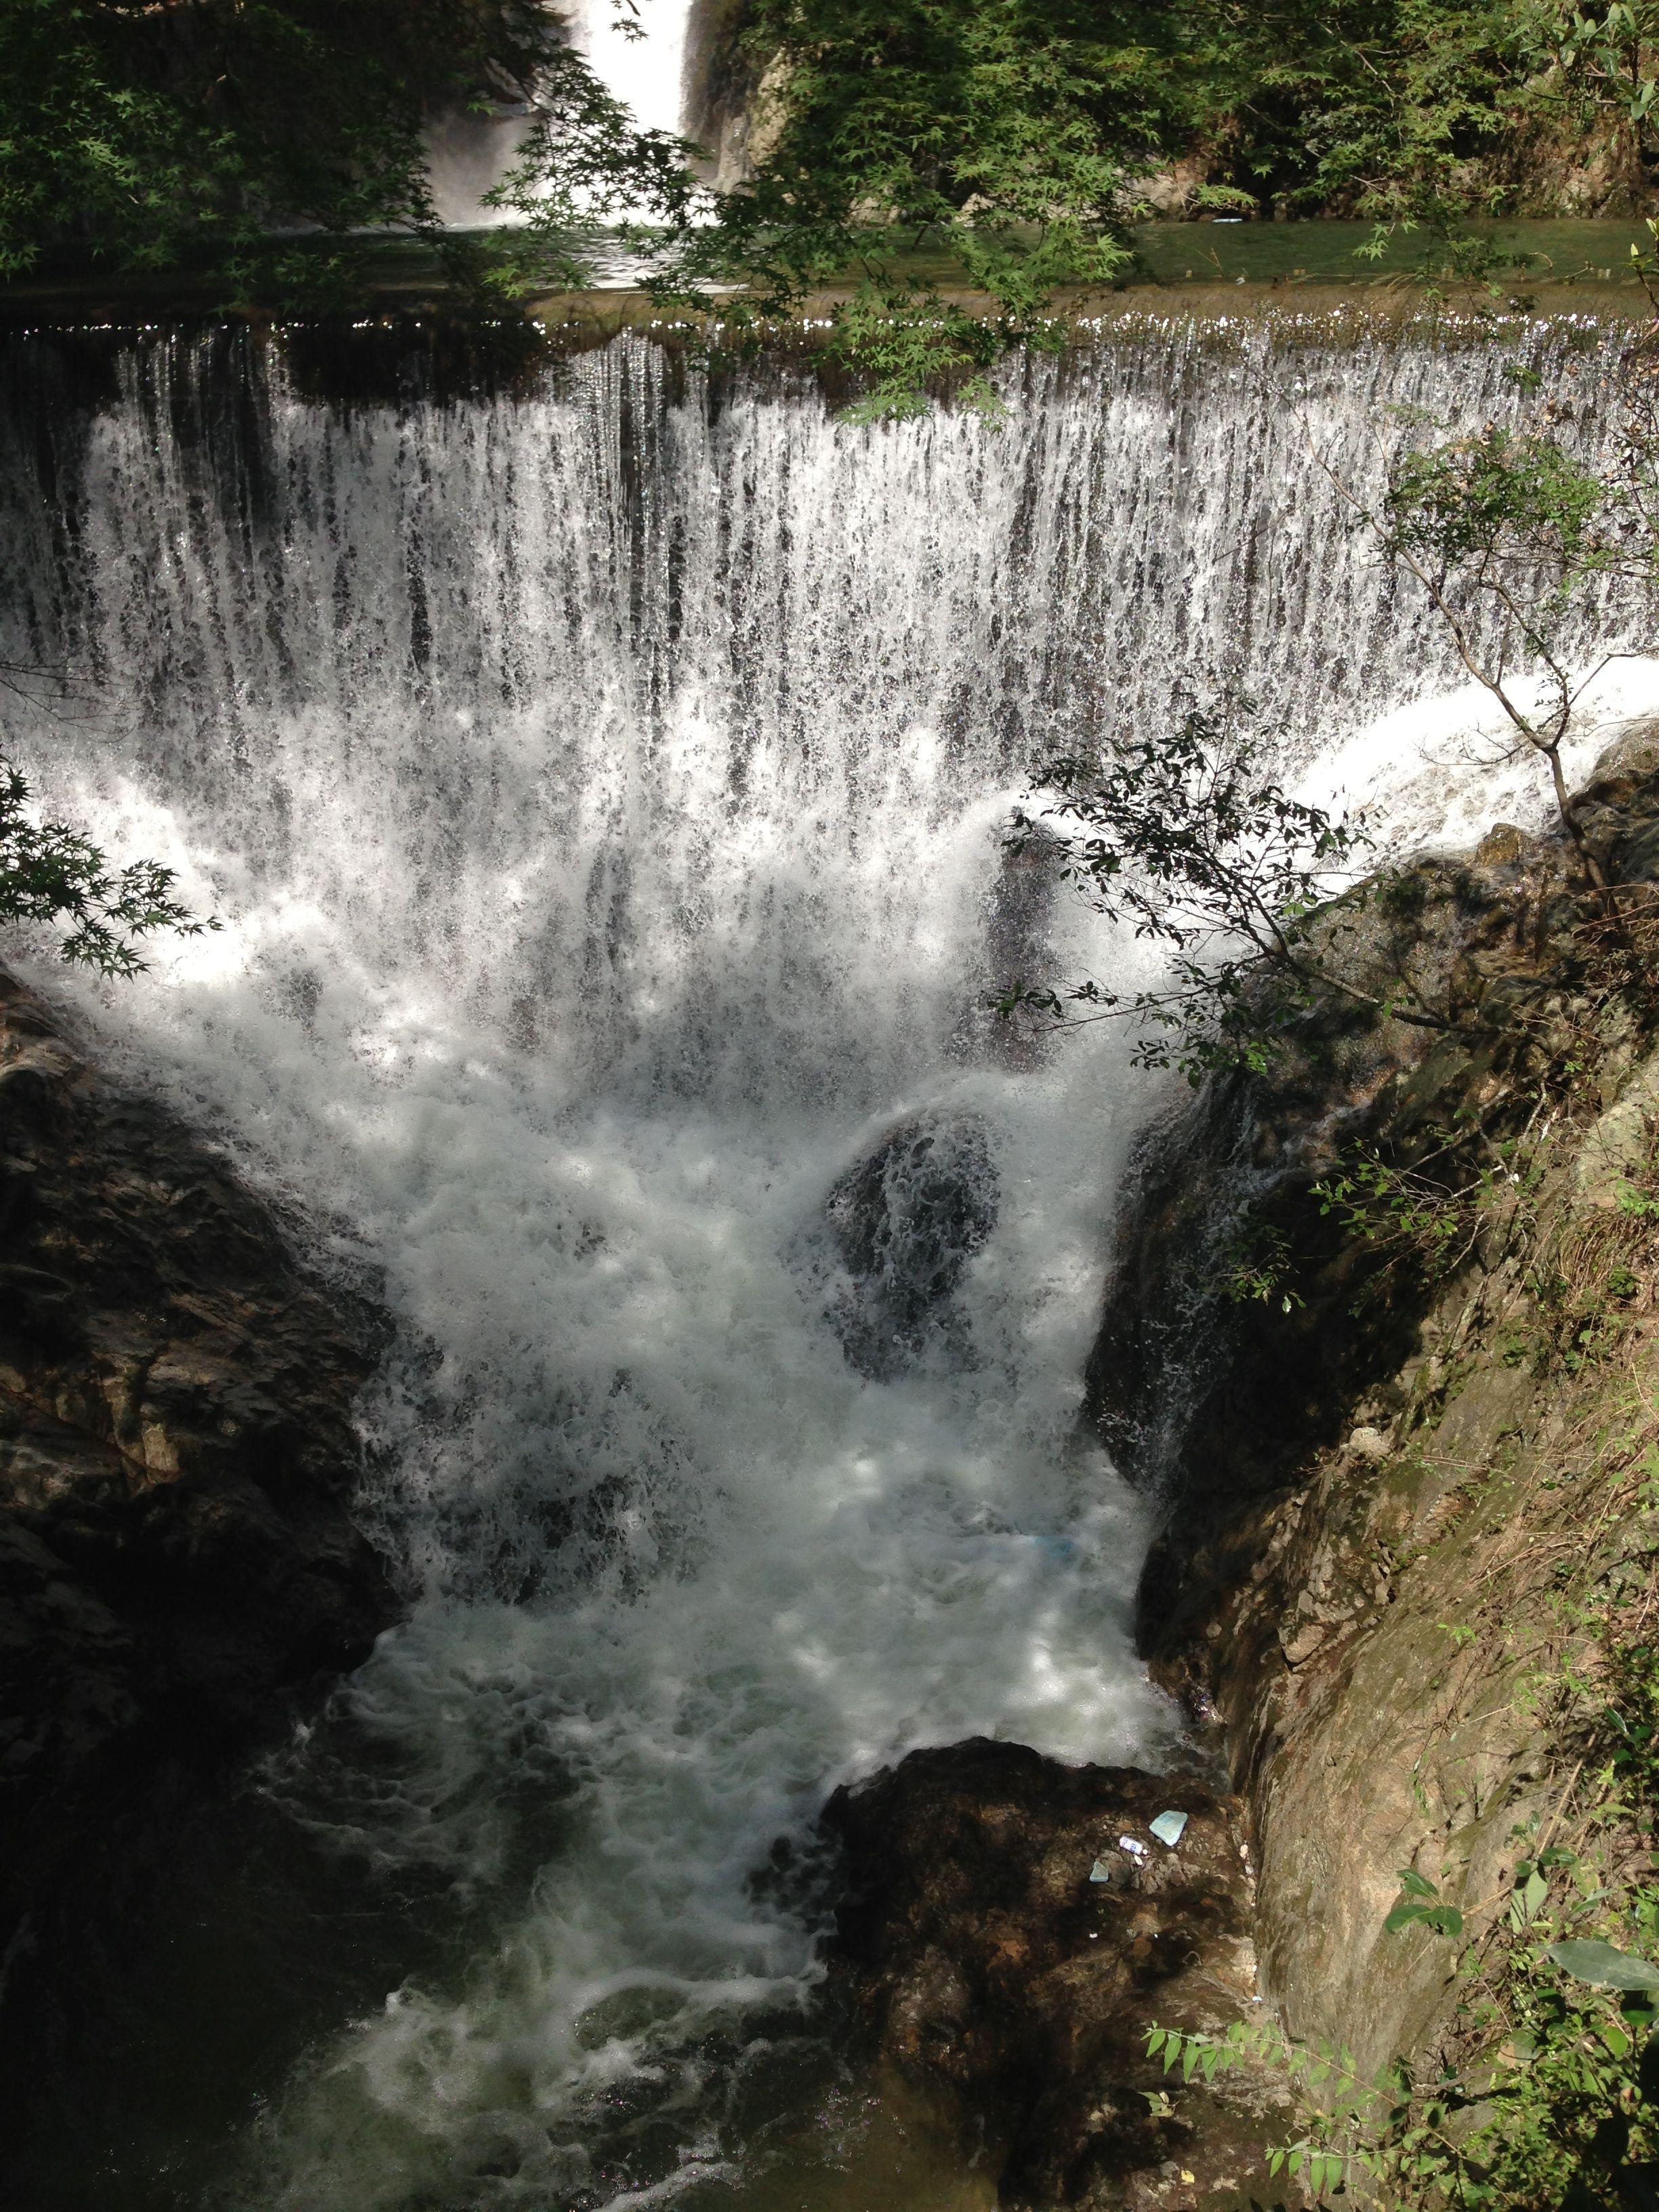 Nunobiki Waterfall, Shin Kobe, Japan